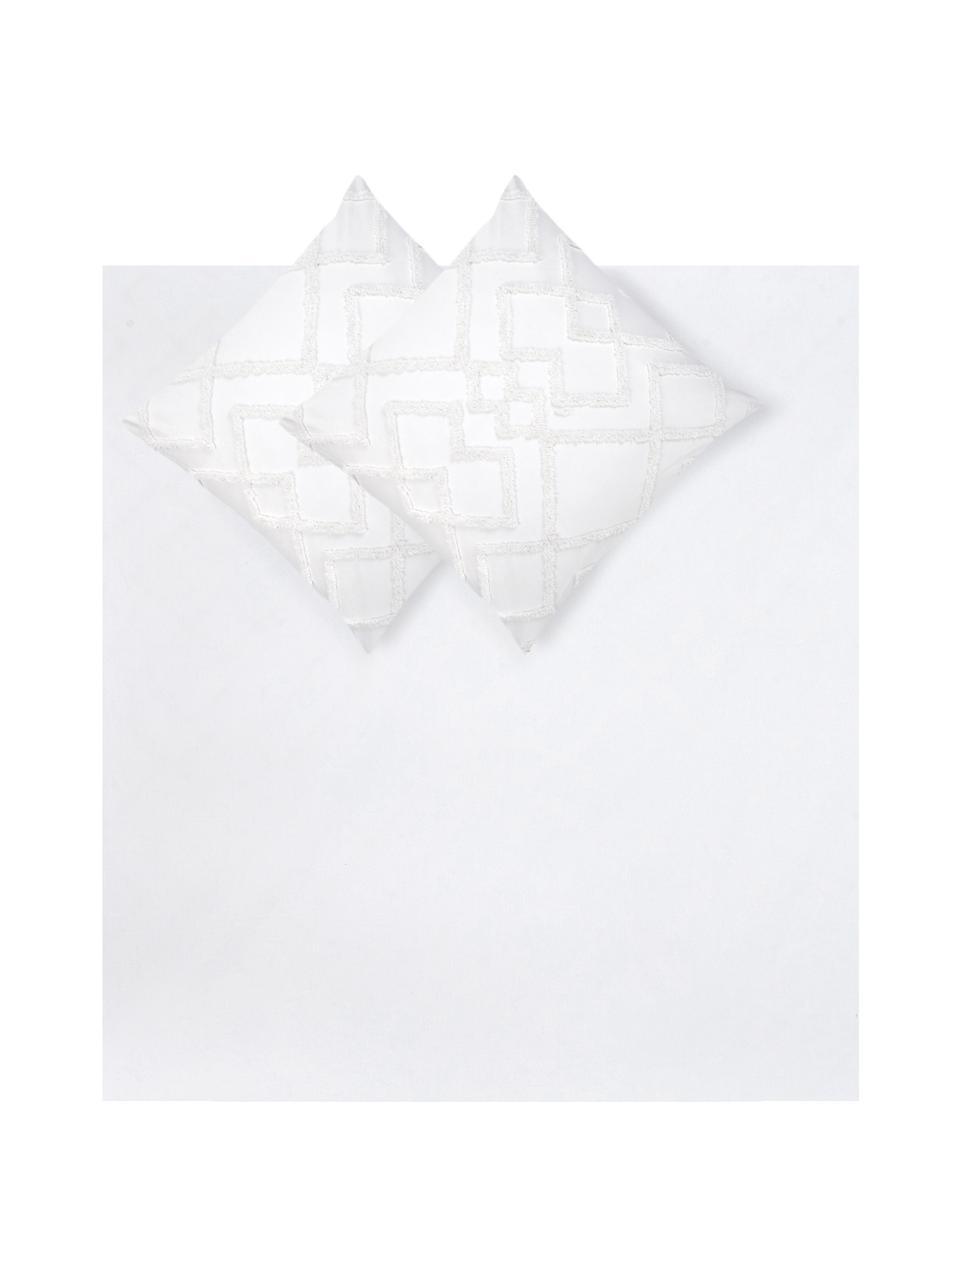 Baumwollperkal-Bettwäsche Faith mit getufteter Verzierung, Webart: Perkal Fadendichte 180 TC, Weiß, 240 x 220 cm + 2 Kissen 80 x 80 cm